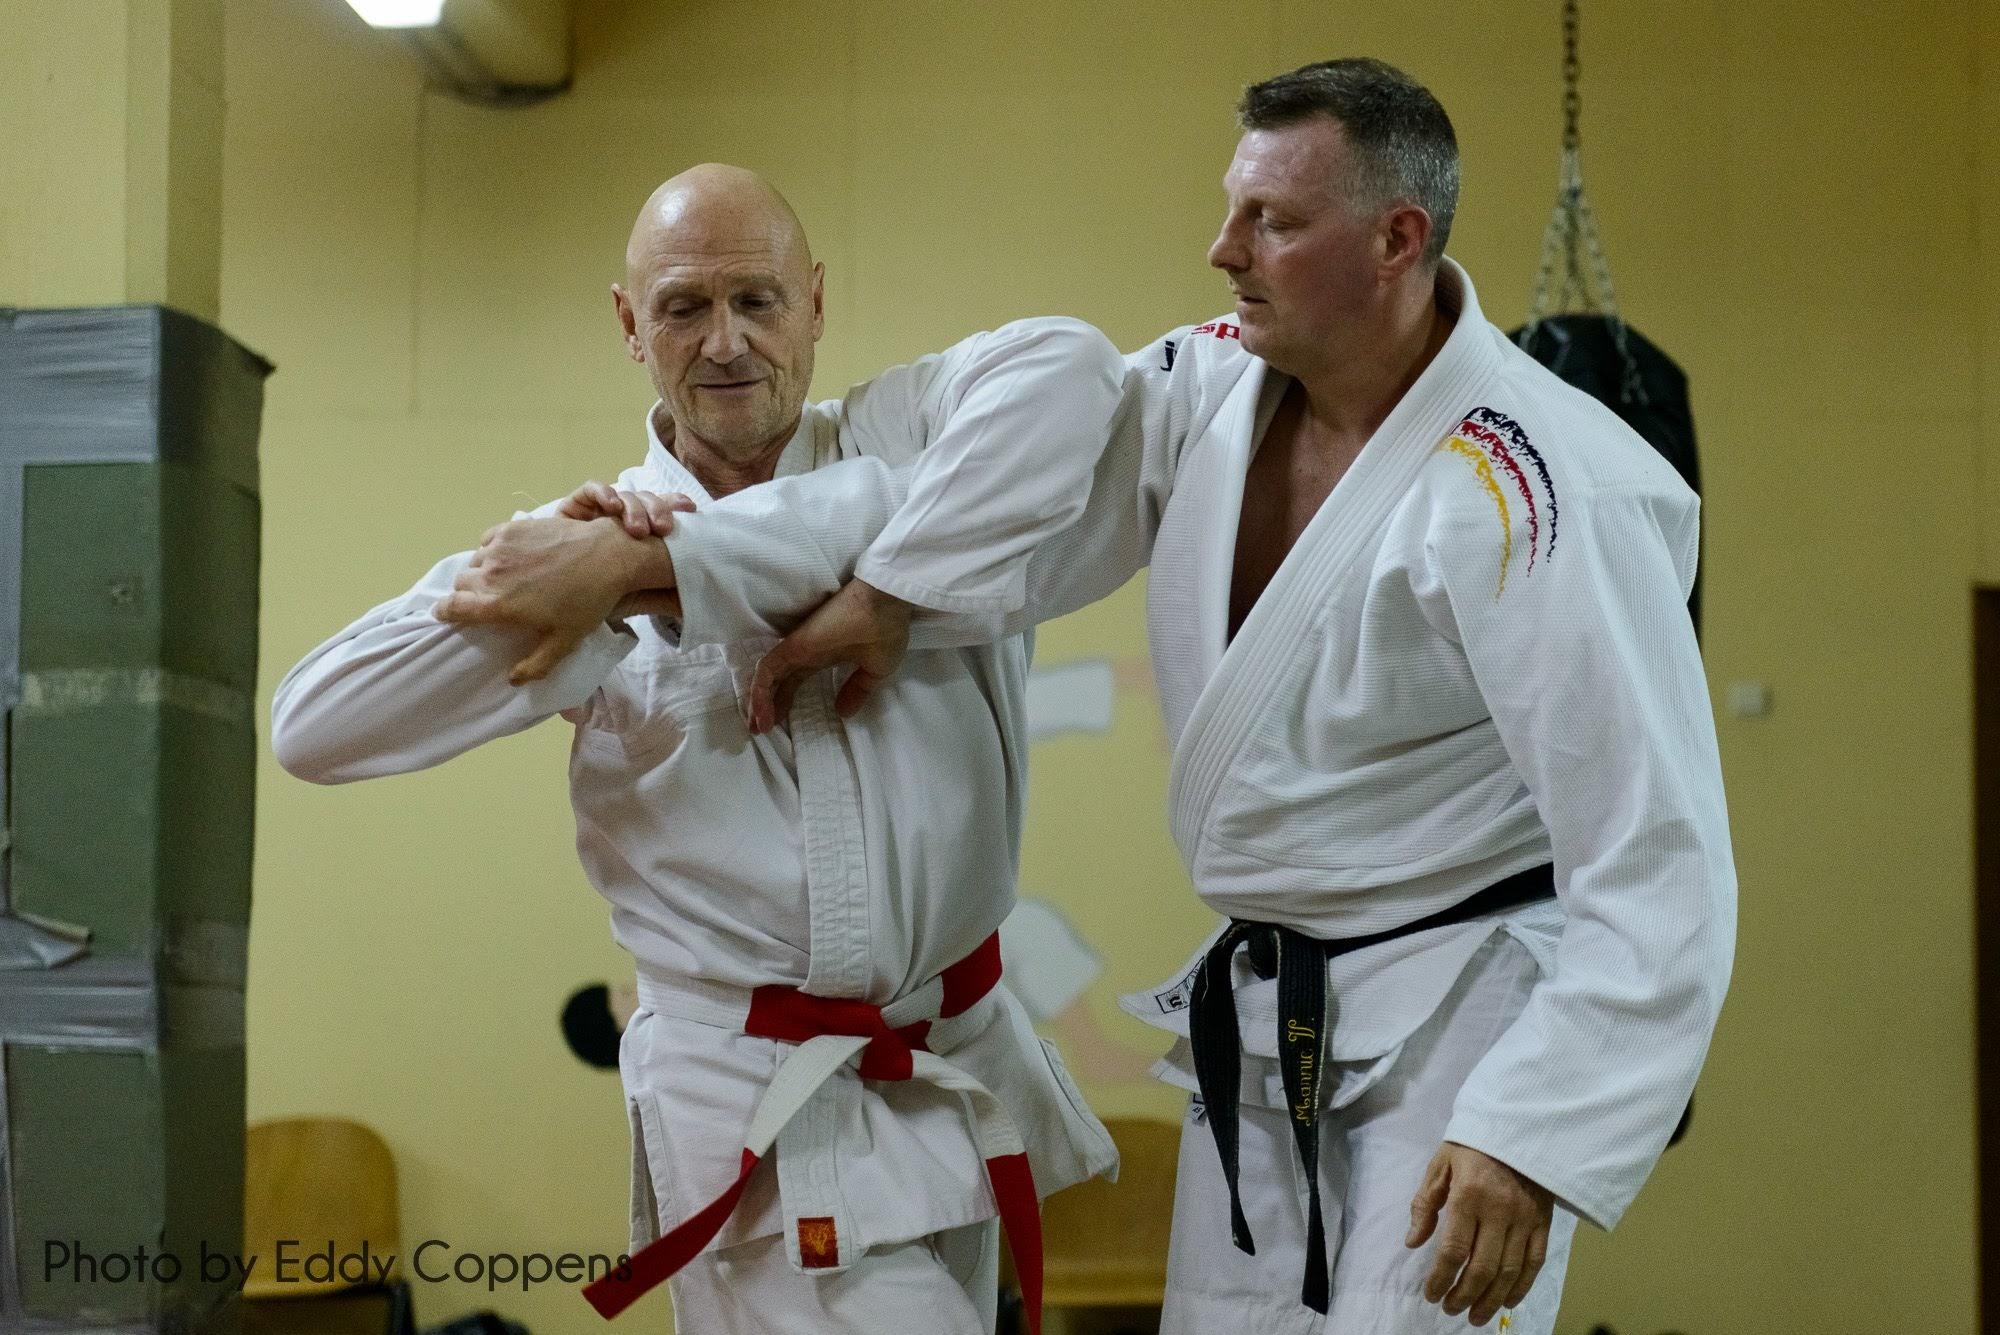 Erik en Marnic tijdens de training